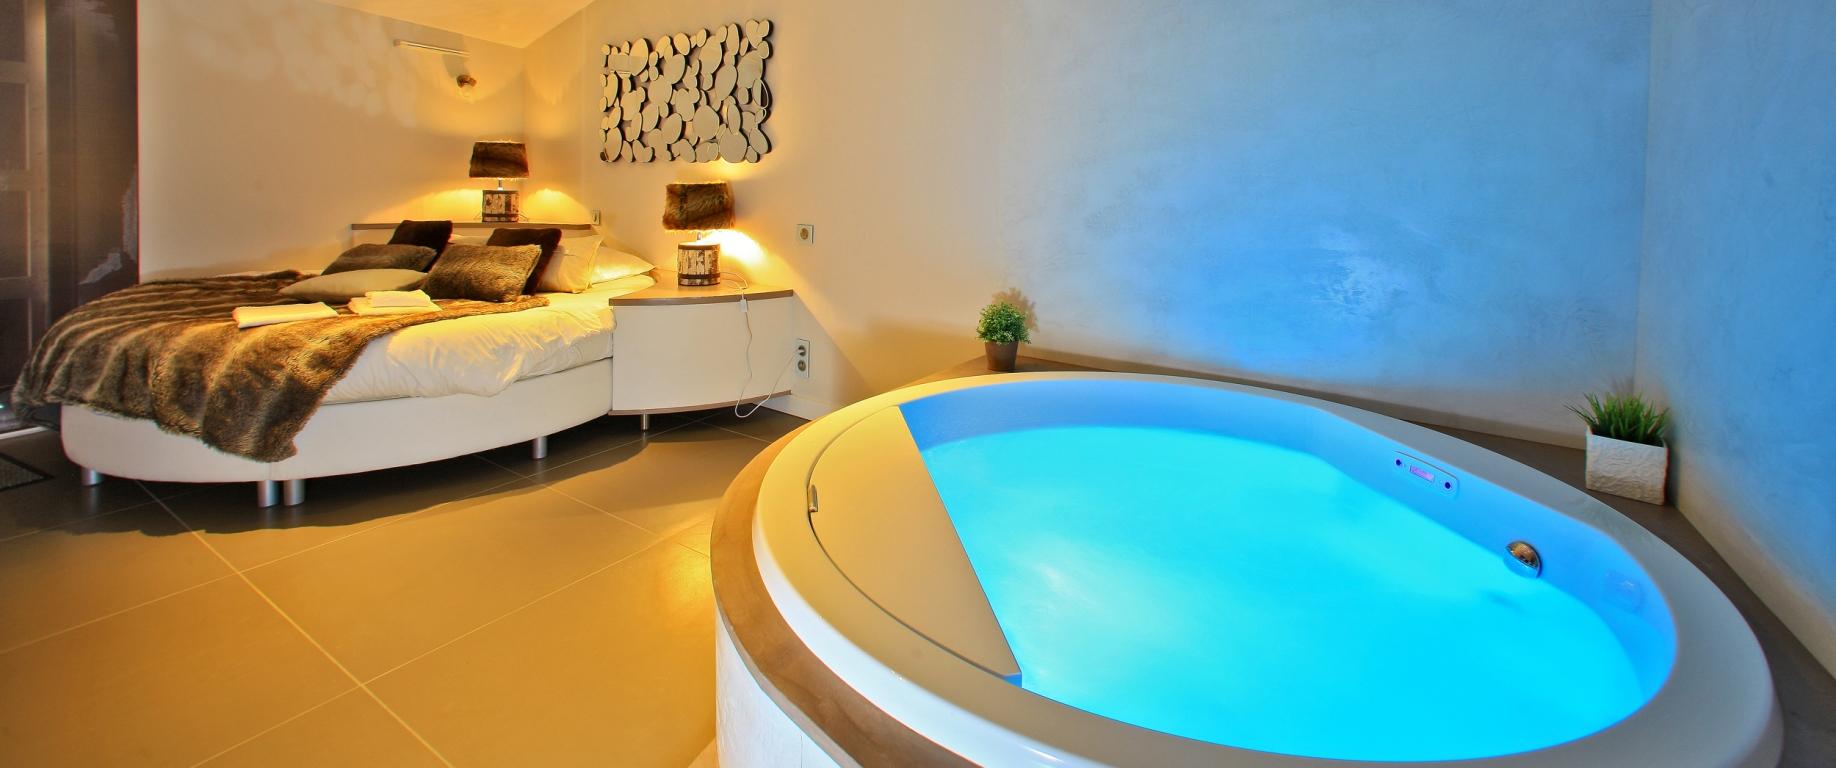 Noirmoutier hotel luxueux